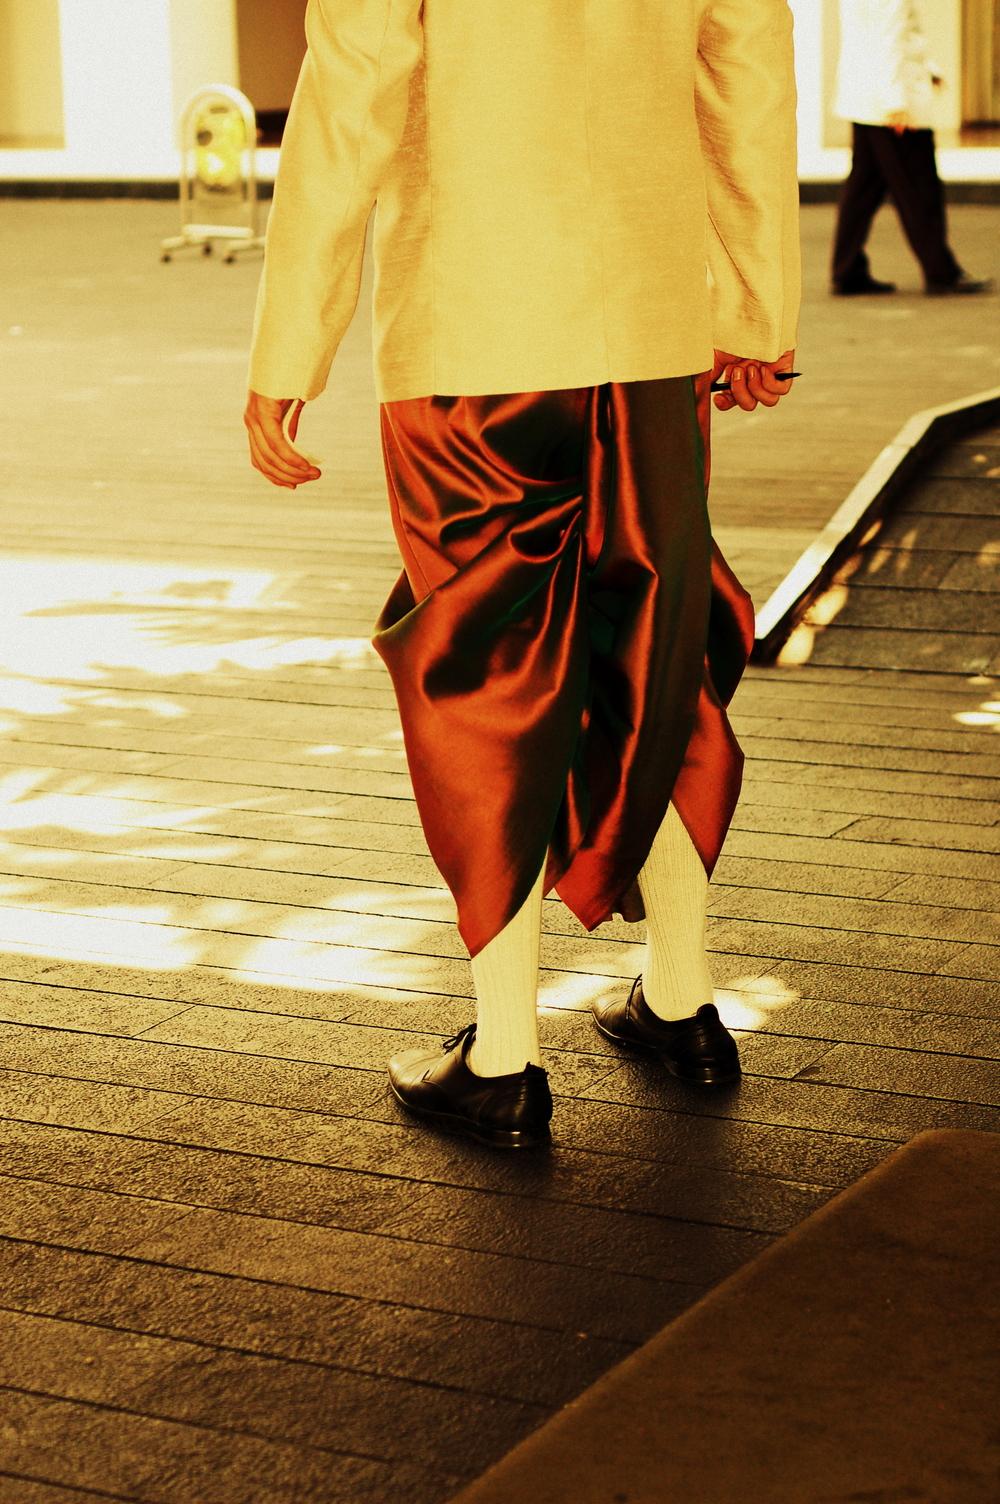 Sukhothai-2.jpg